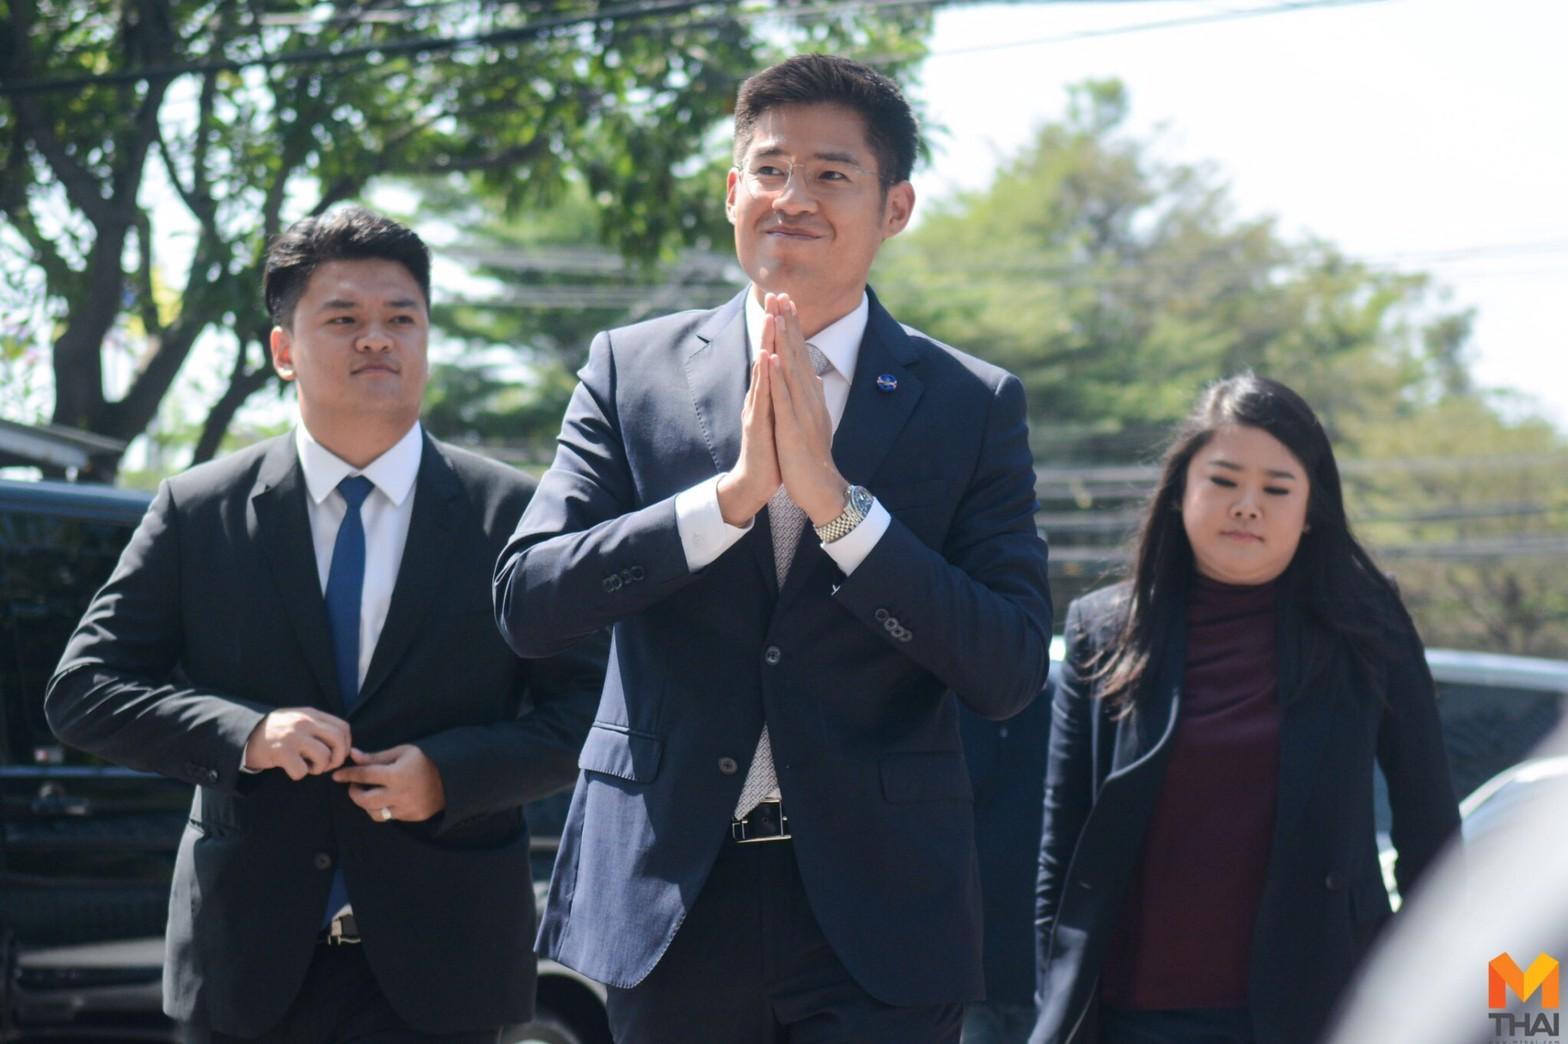 พรรคไทยรักษาชาติ ยุบพรรค ร.ท.ปรีชาพล พงษ์พานิช เลือกตั้ง62